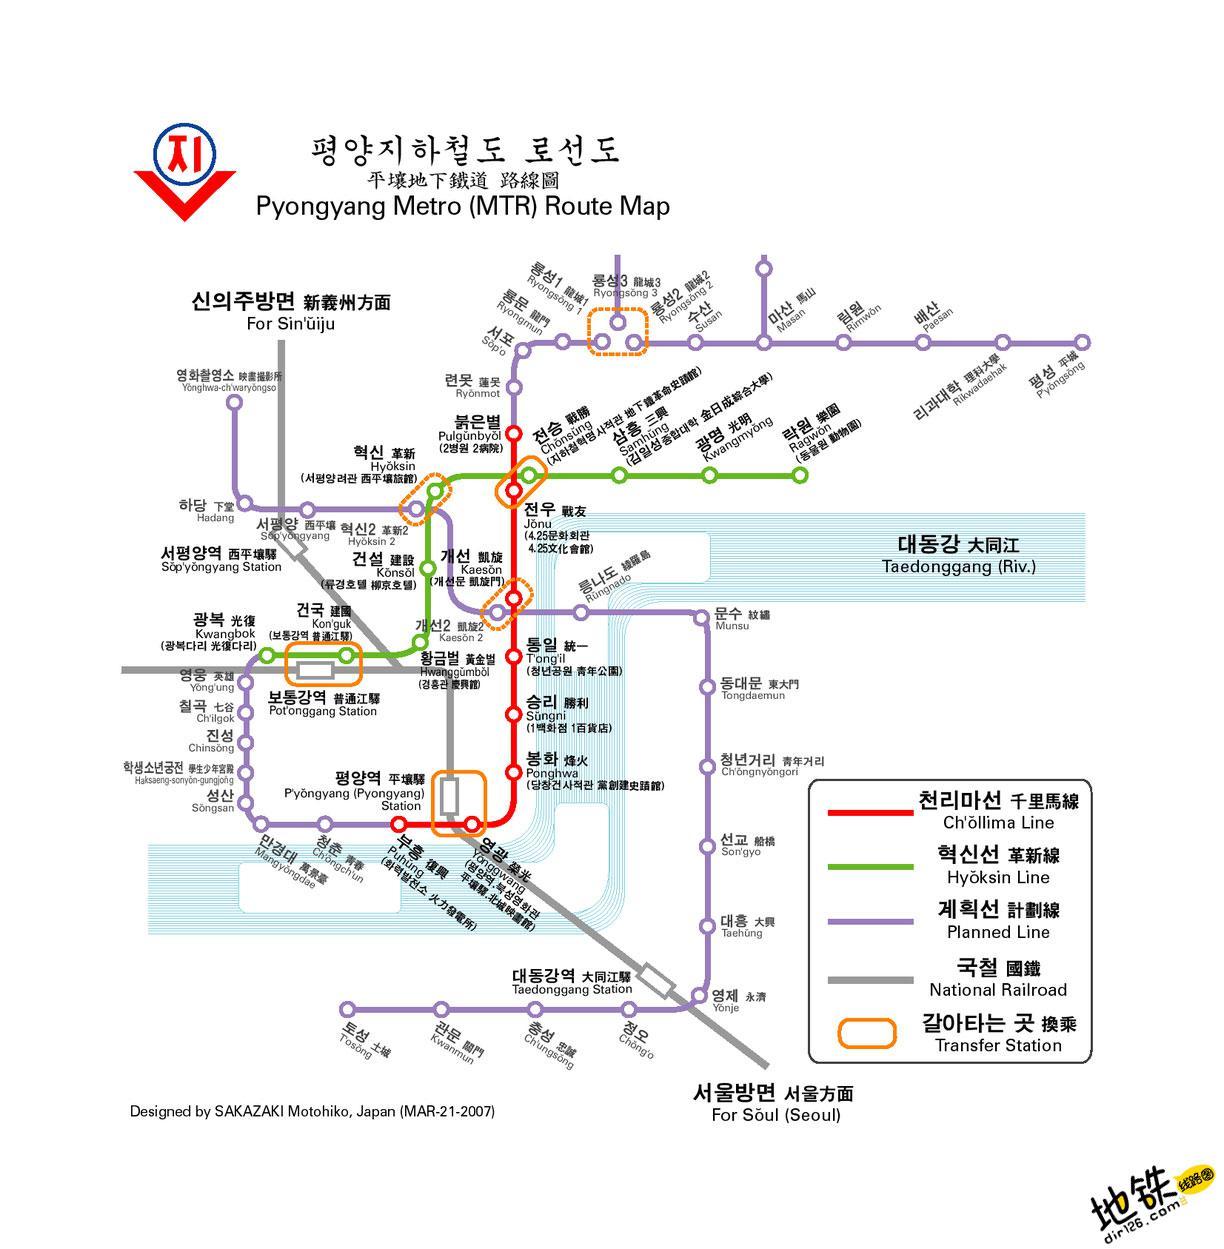 朝鲜平壤地铁线路图 运营时间票价站点 查询下载 平壤地铁票价 平壤地铁运营时间 平壤地铁线路图 朝鲜地铁线路图 平壤地铁 朝鲜地铁 朝鲜地铁线路图  第3张